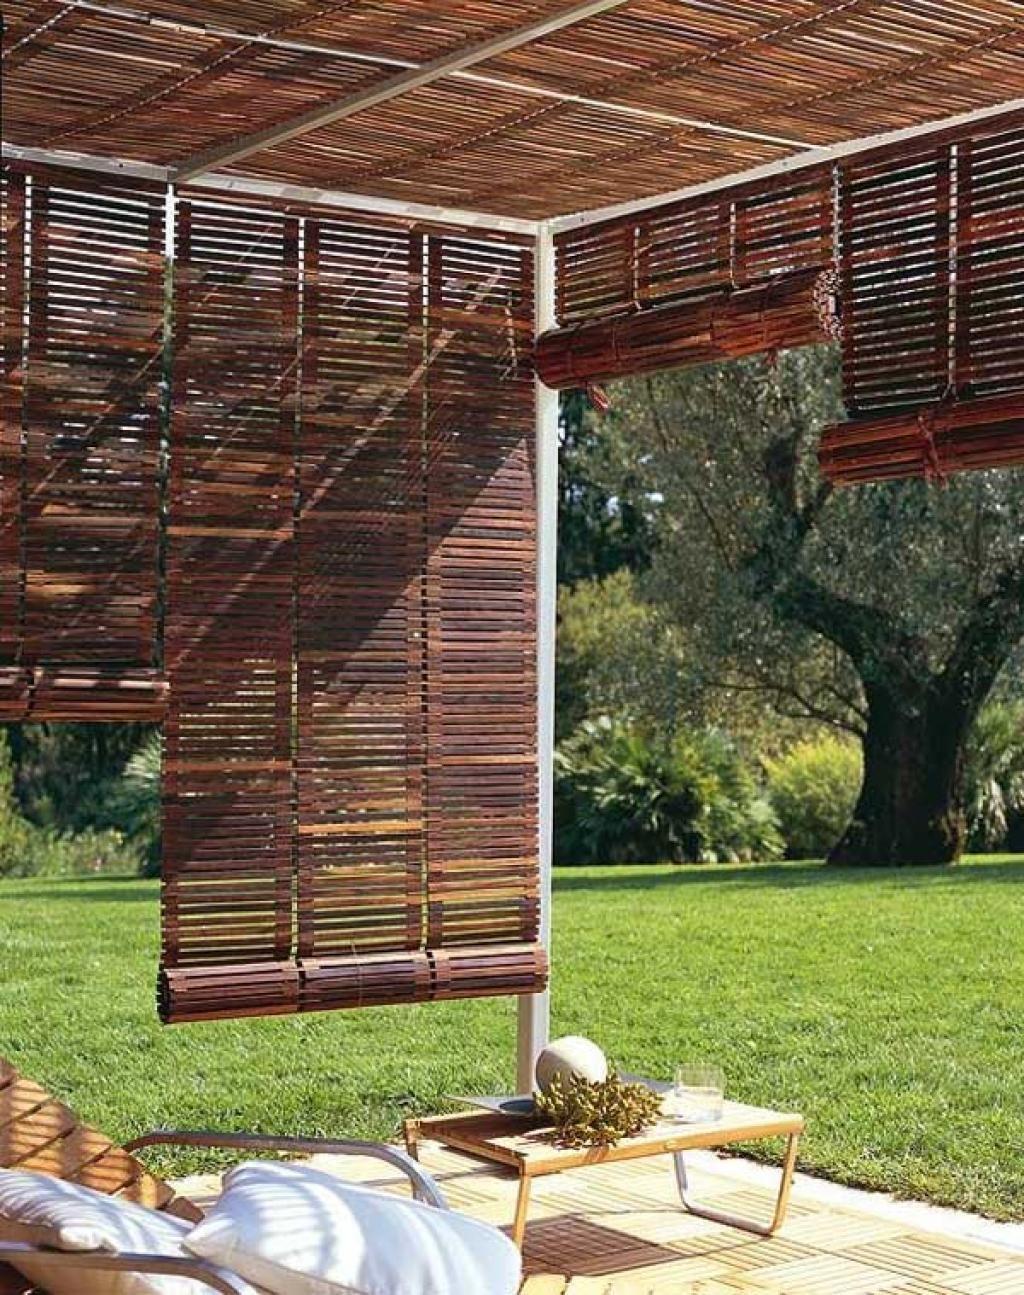 10 façons originales de faire de lombre sur votre terrasse pour profiter au maximum, de votre jardin!